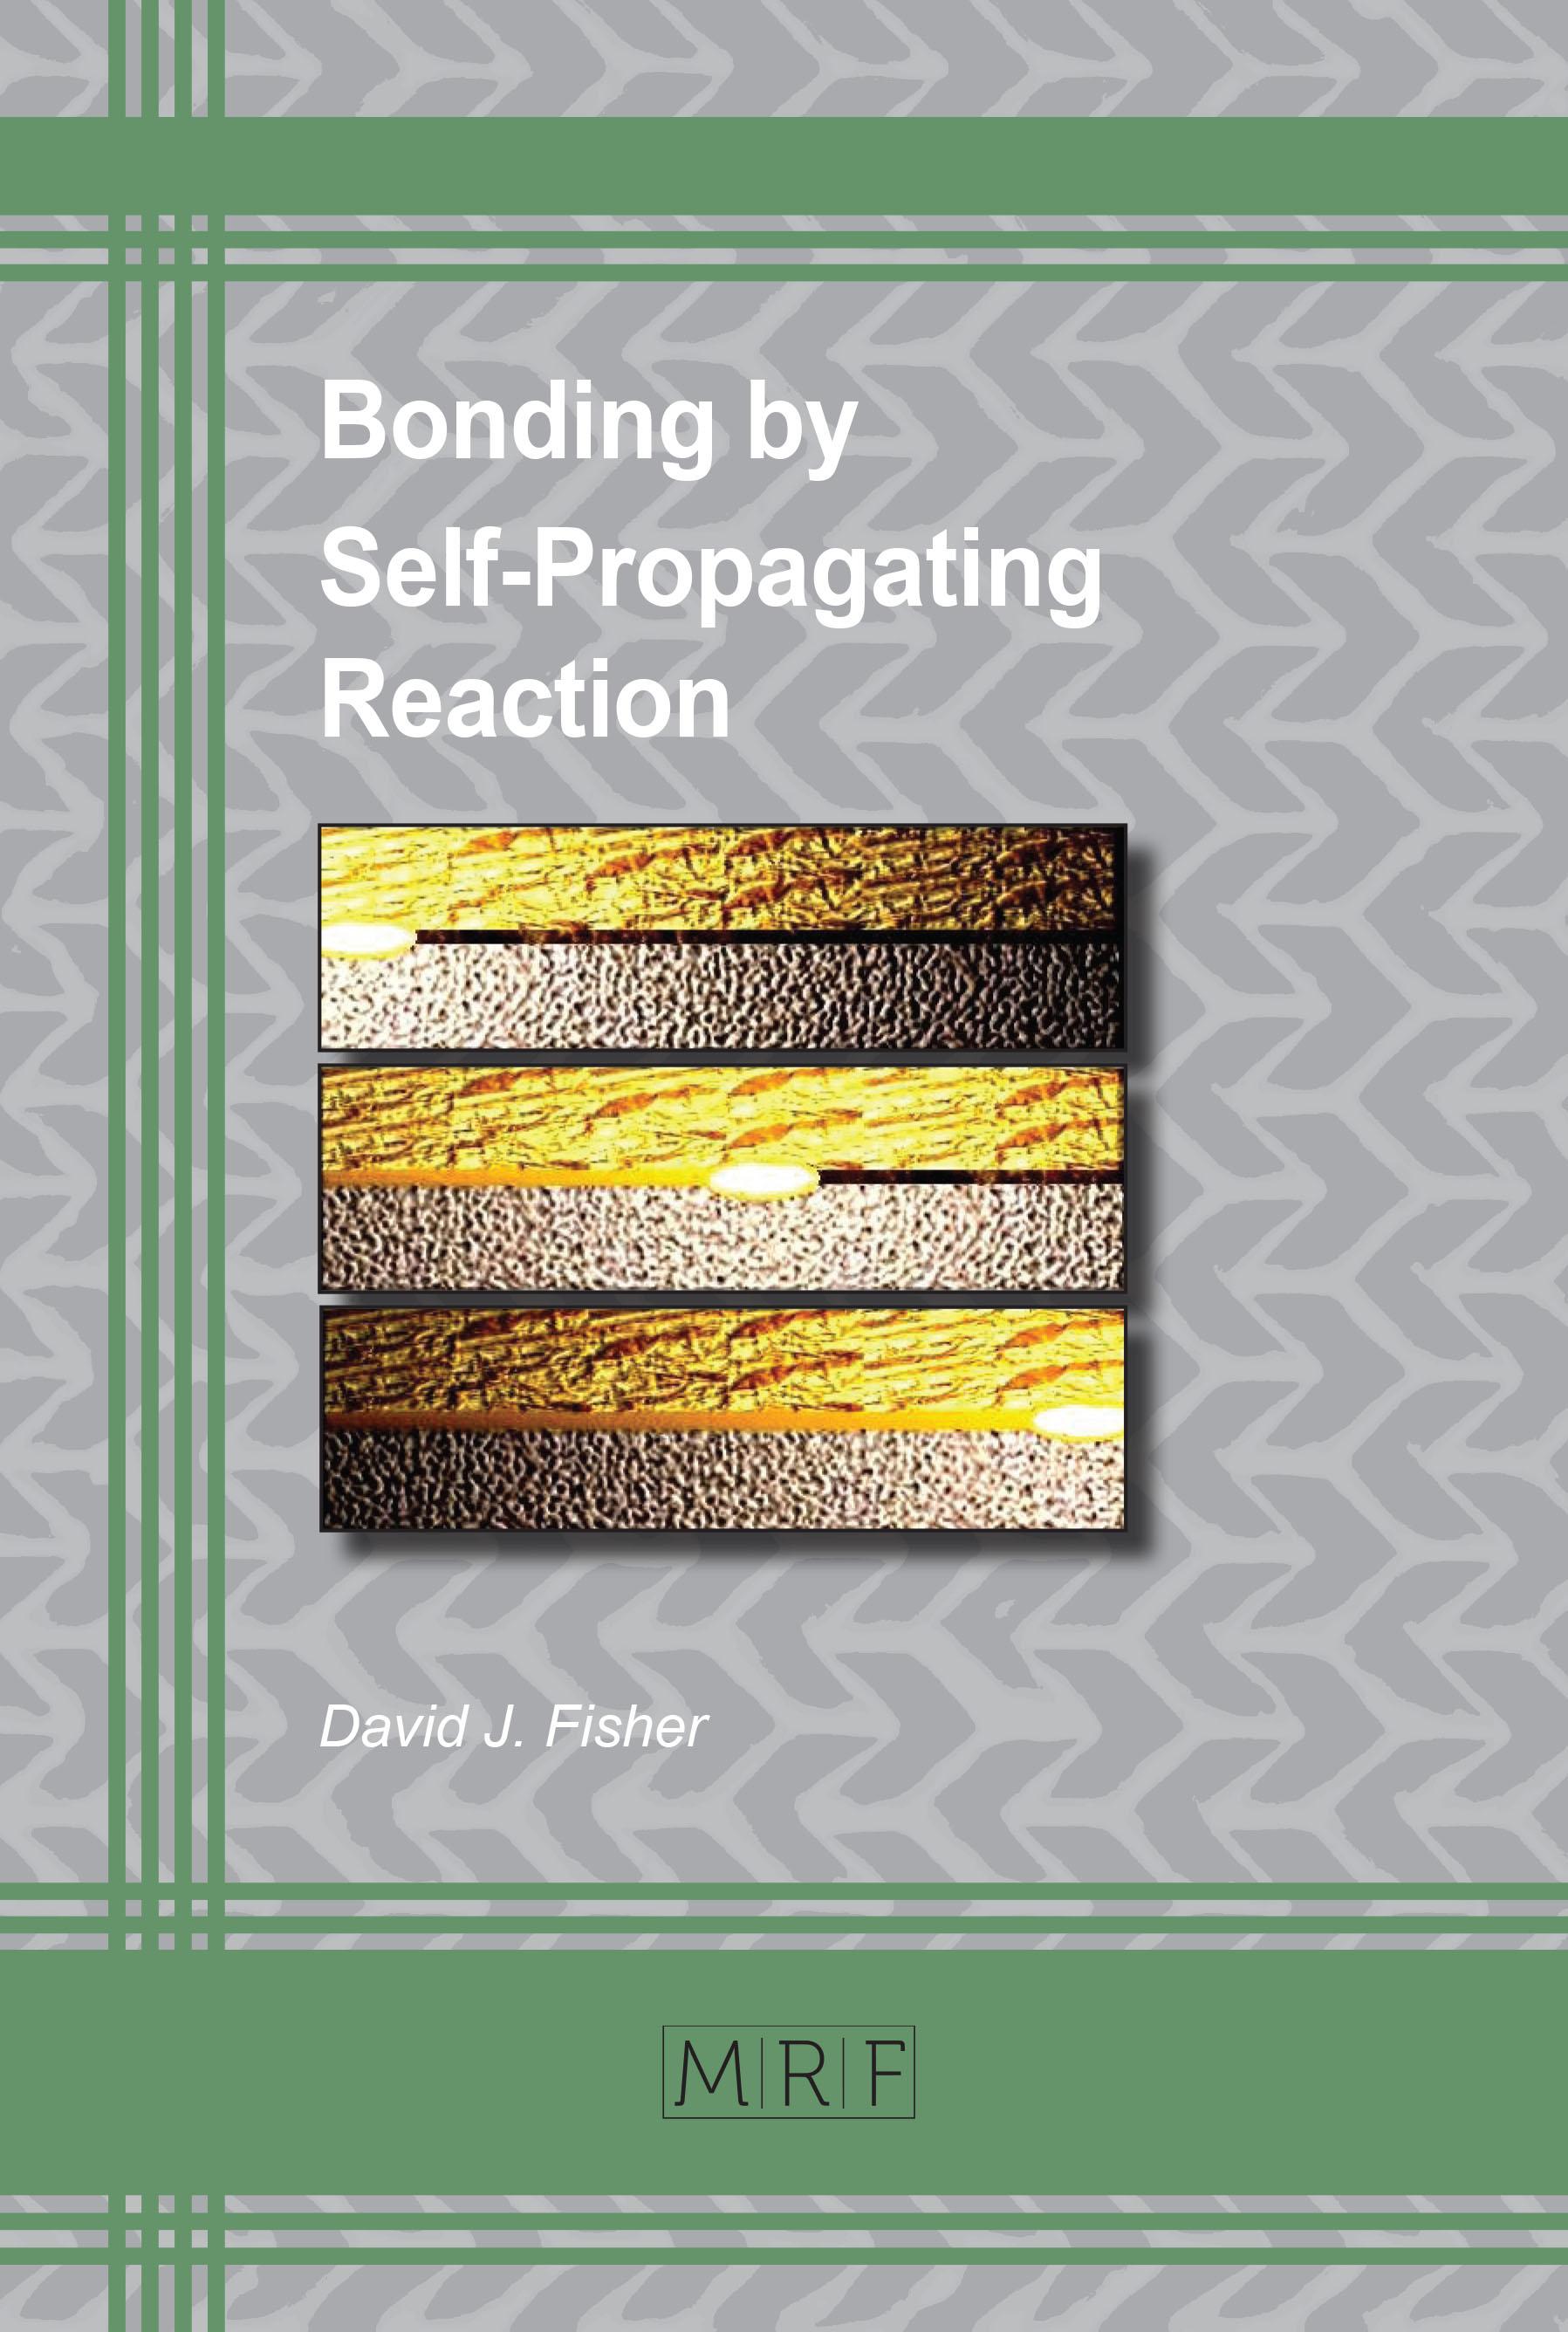 Bonding by Self-Propagating Reaction, PDF eBook DRM Free